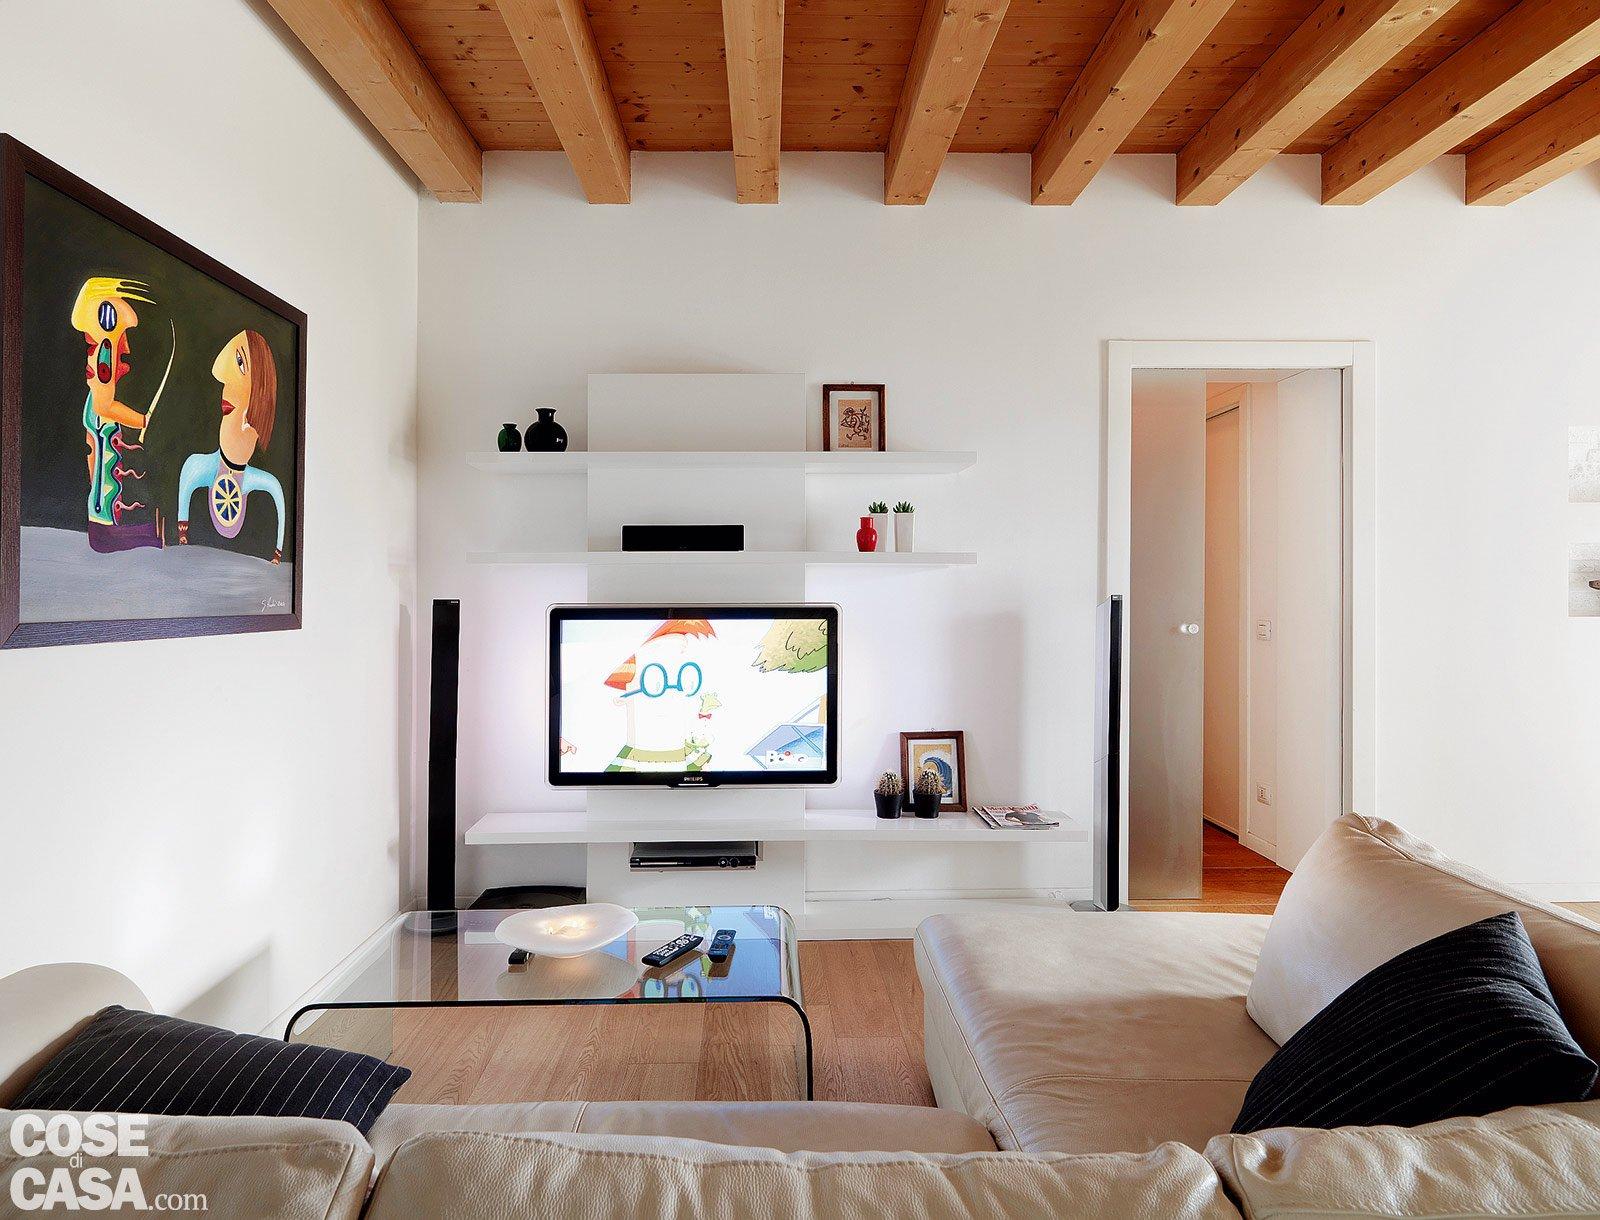 Casa con 10 trucchi 83 mq sembrano pi grandi cose di casa - Fare il cappotto interno alla casa ...